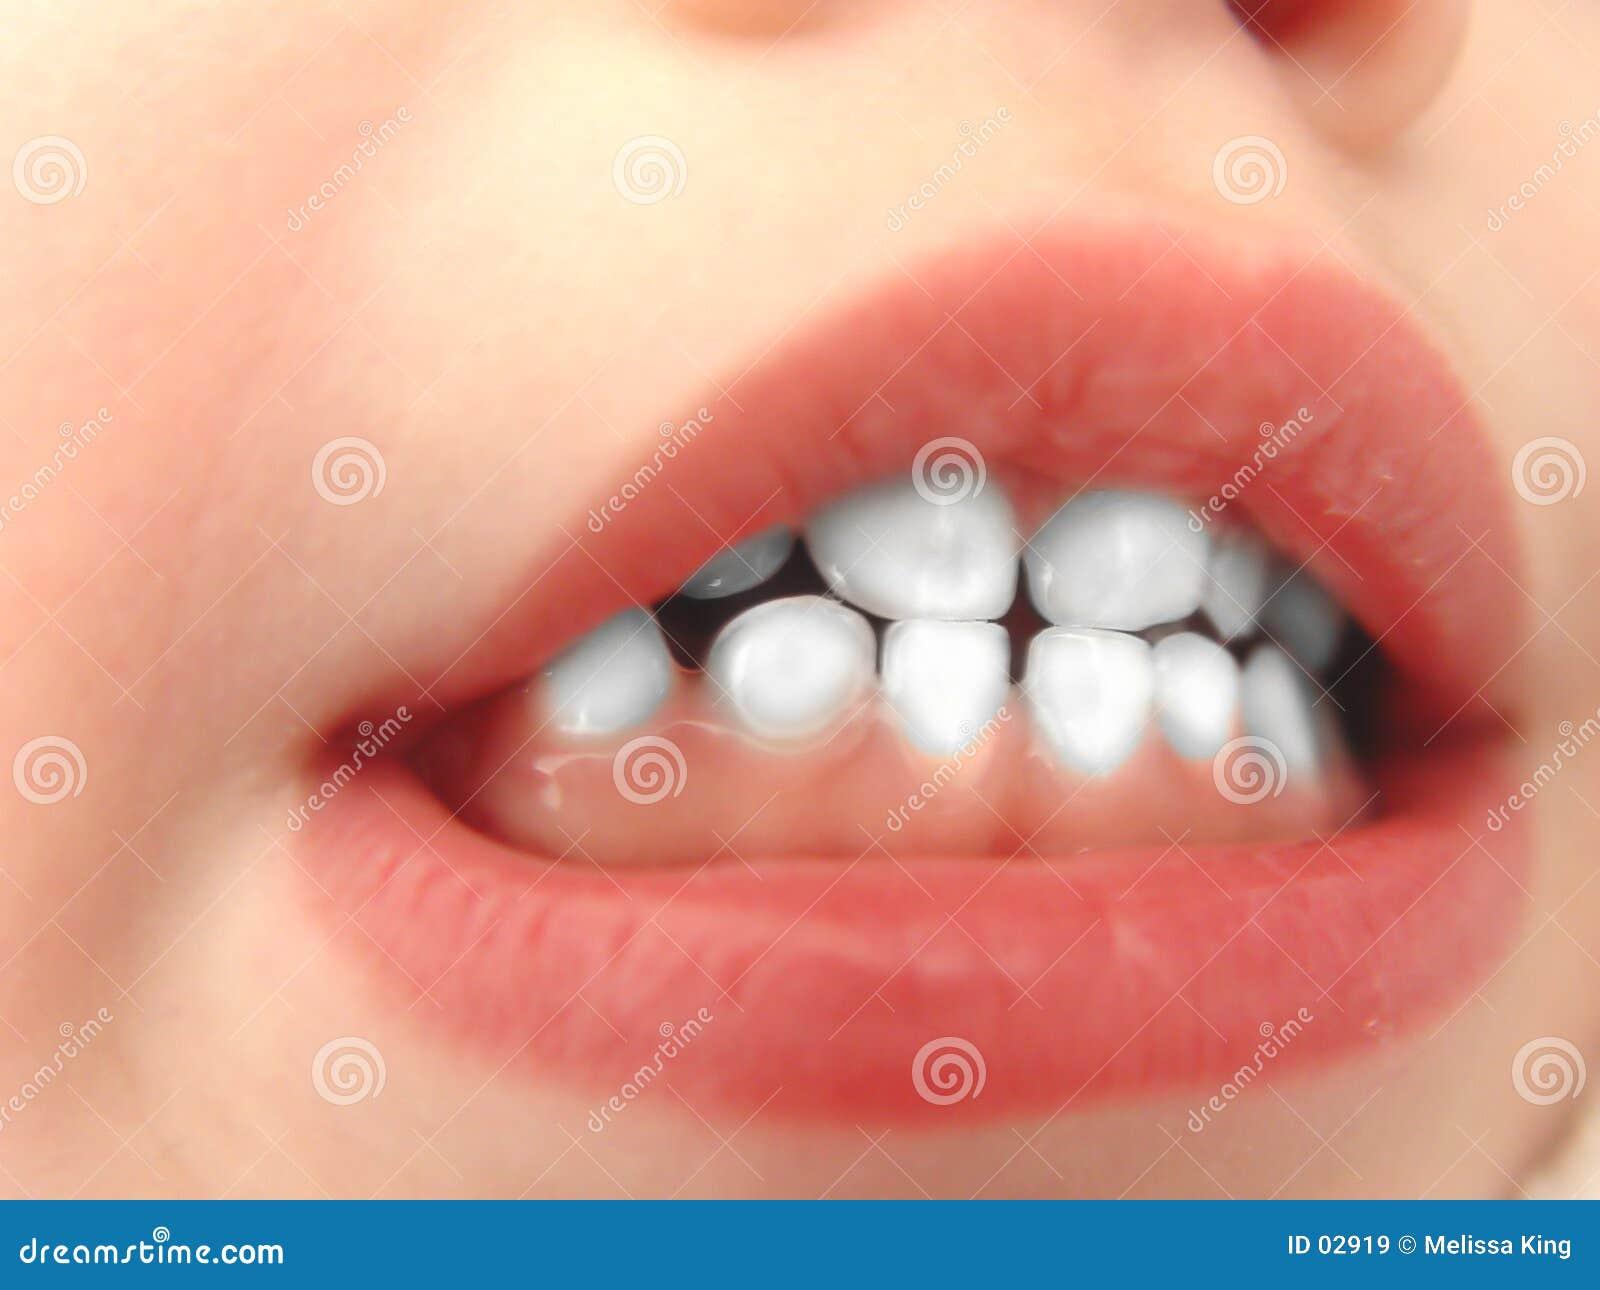 Małe zęby białe